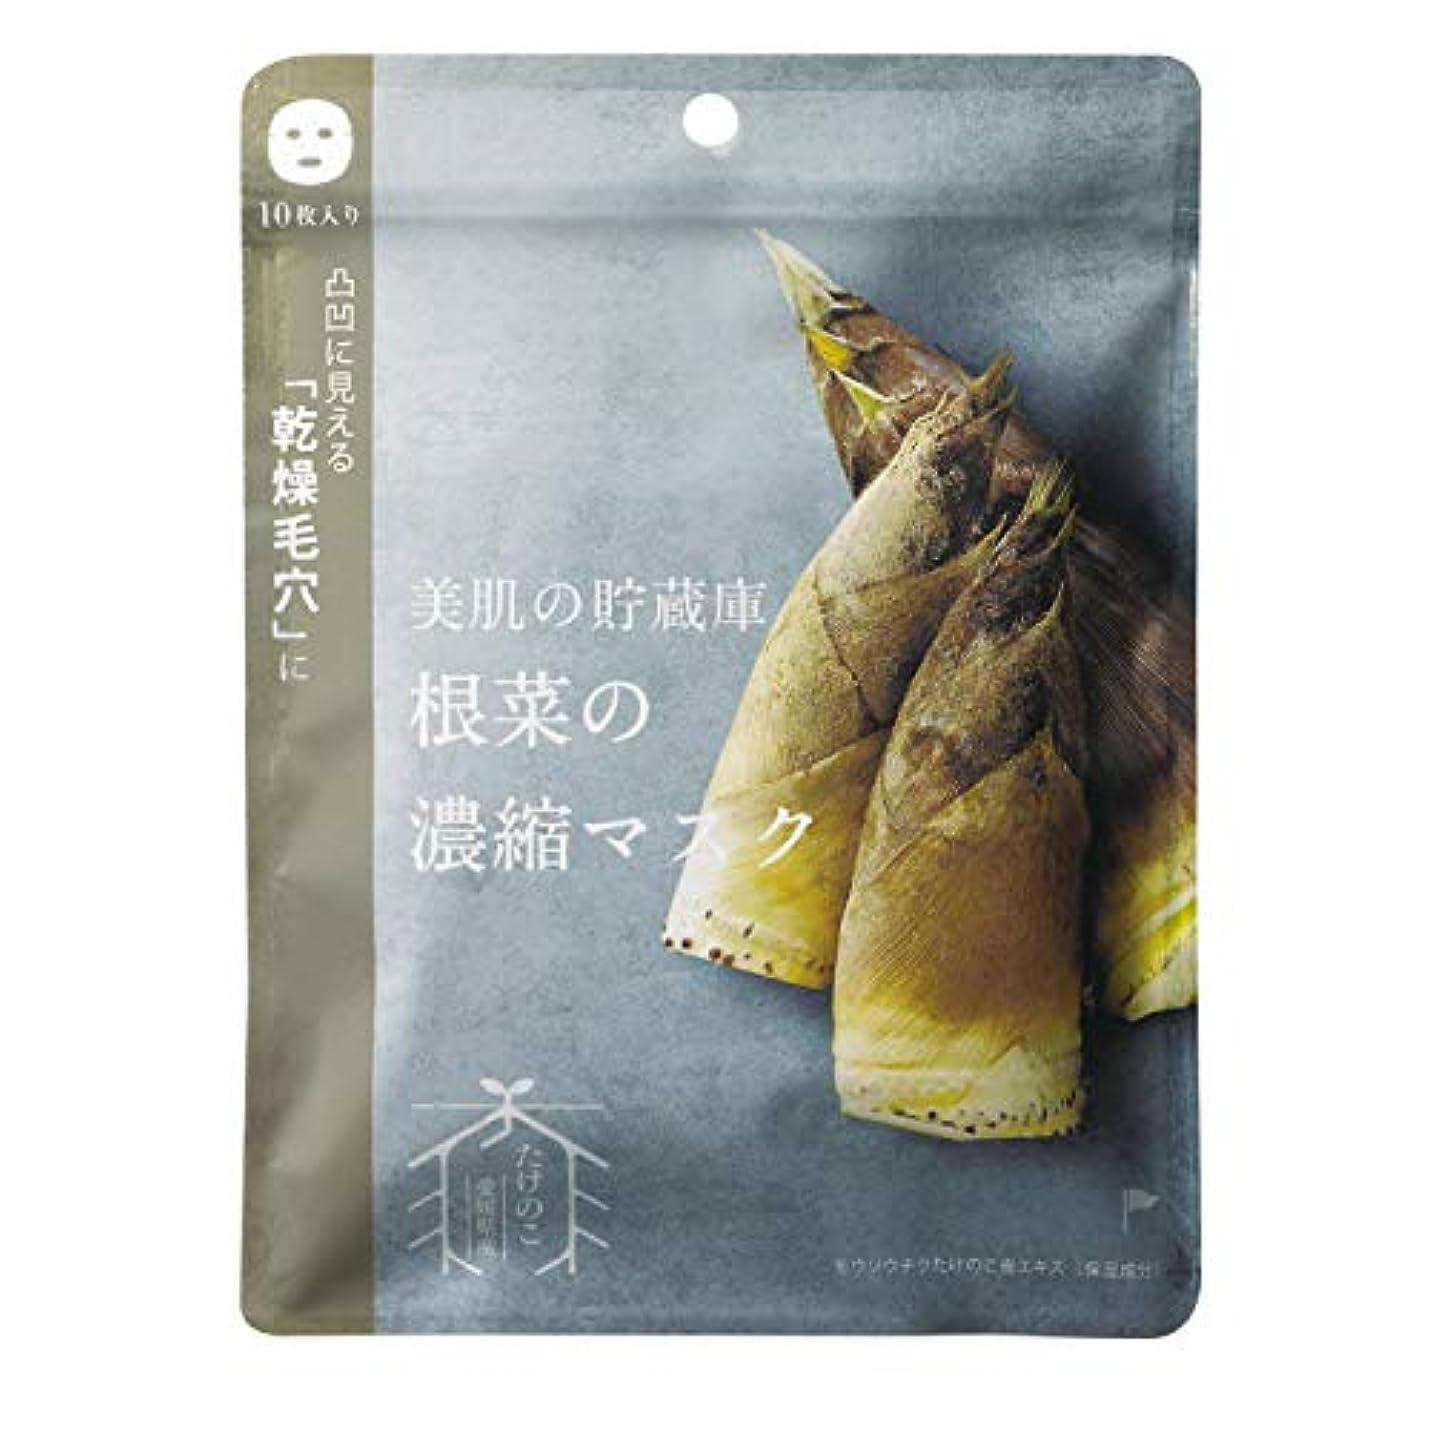 心のこもった自発空港@cosme nippon 美肌の貯蔵庫 根菜の濃縮マスク 孟宗竹たけのこ 10枚 160ml